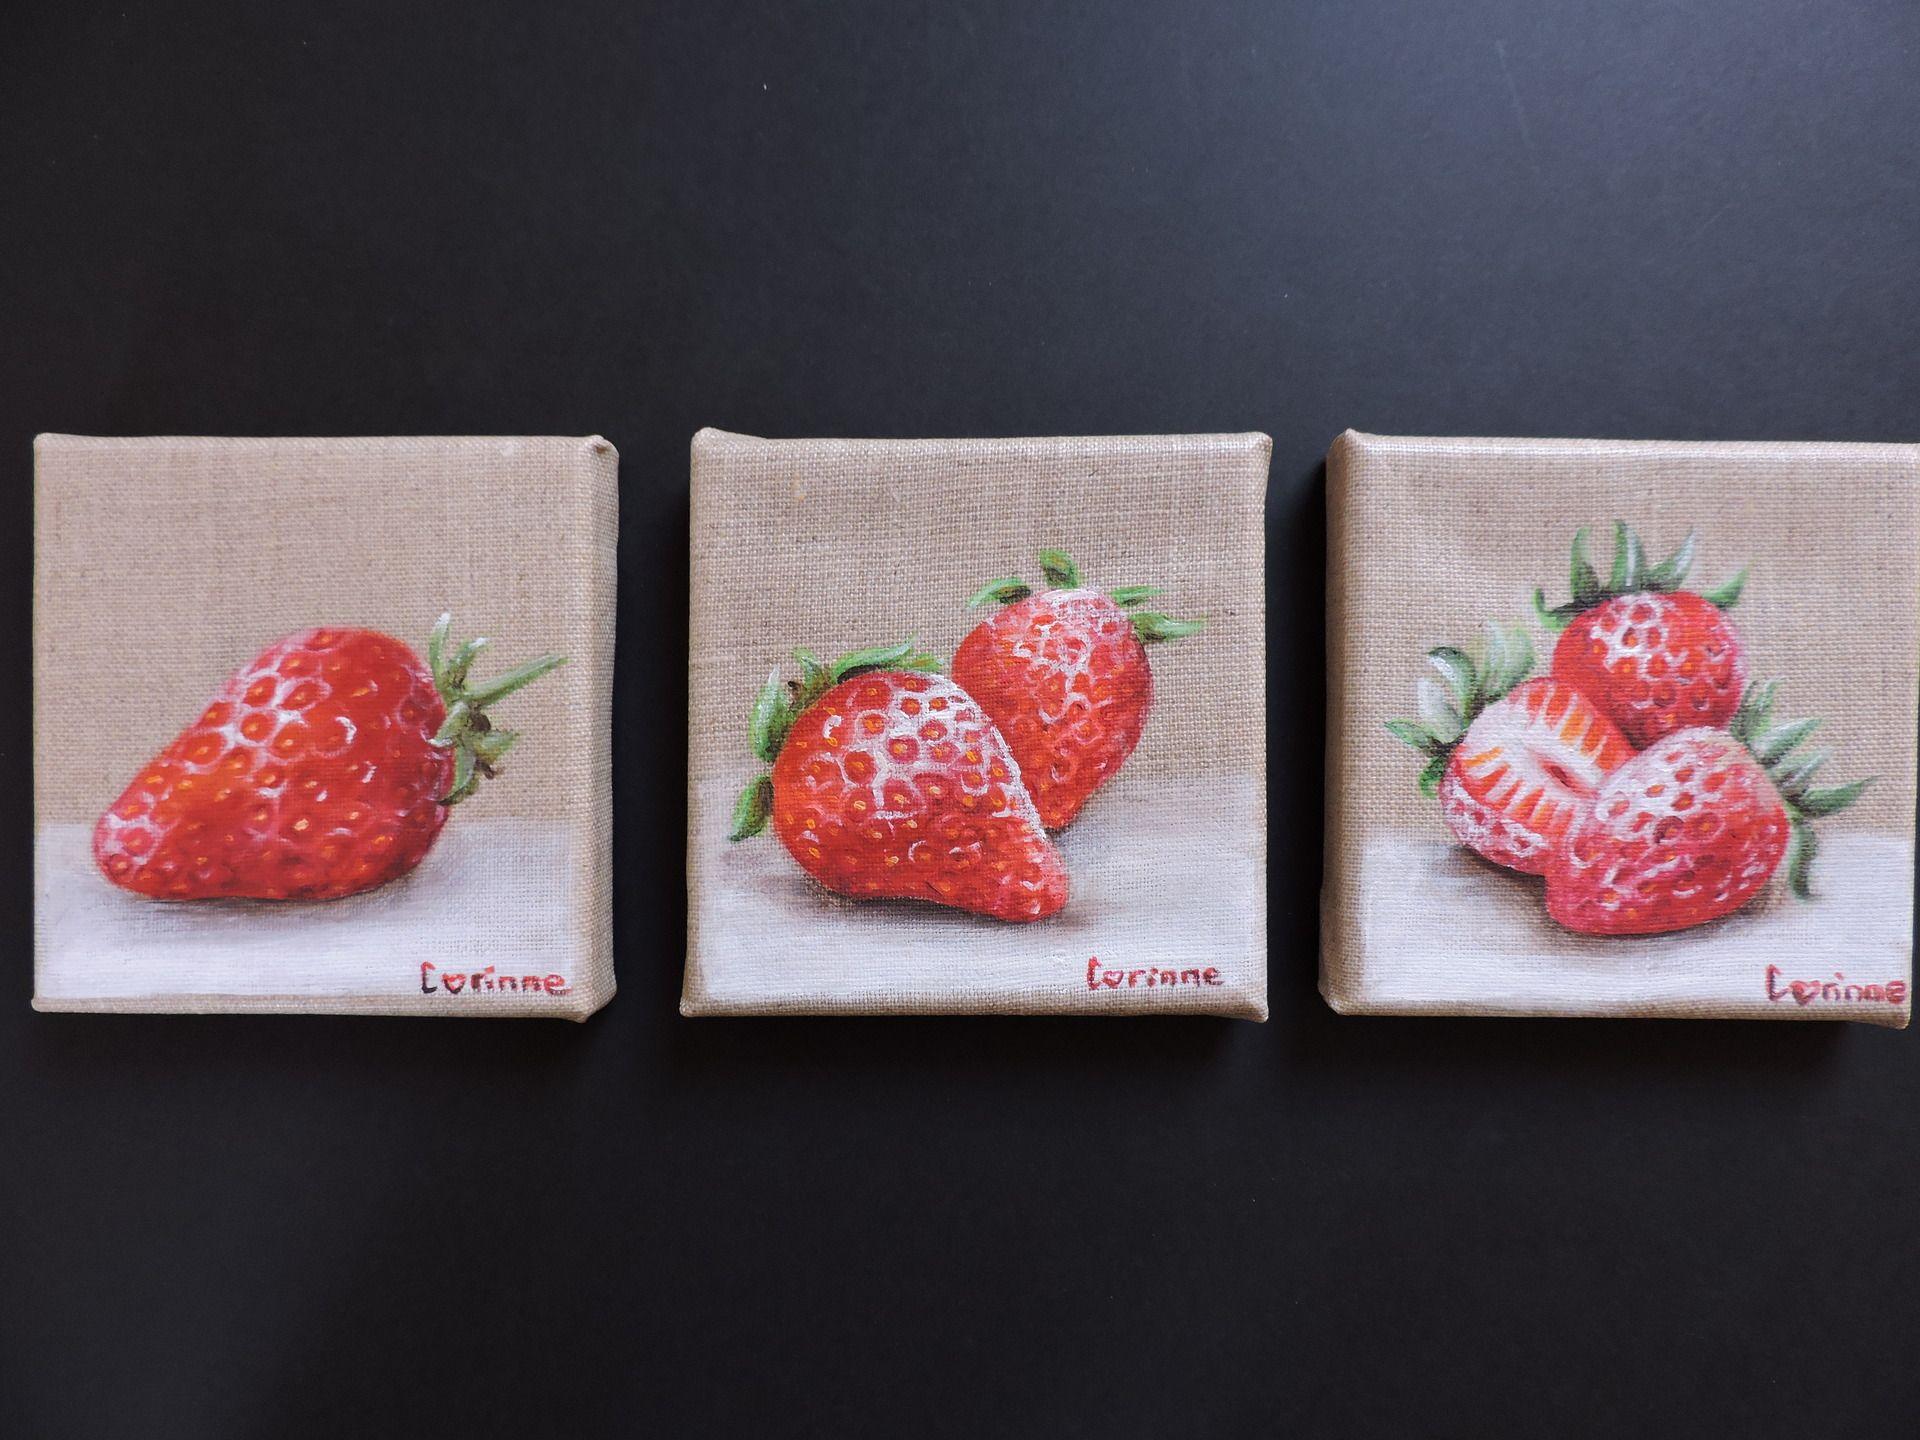 lot de 3 minis toiles 39 39 fraises 39 39 peinture acrylique sur toile de lin d corations murales. Black Bedroom Furniture Sets. Home Design Ideas